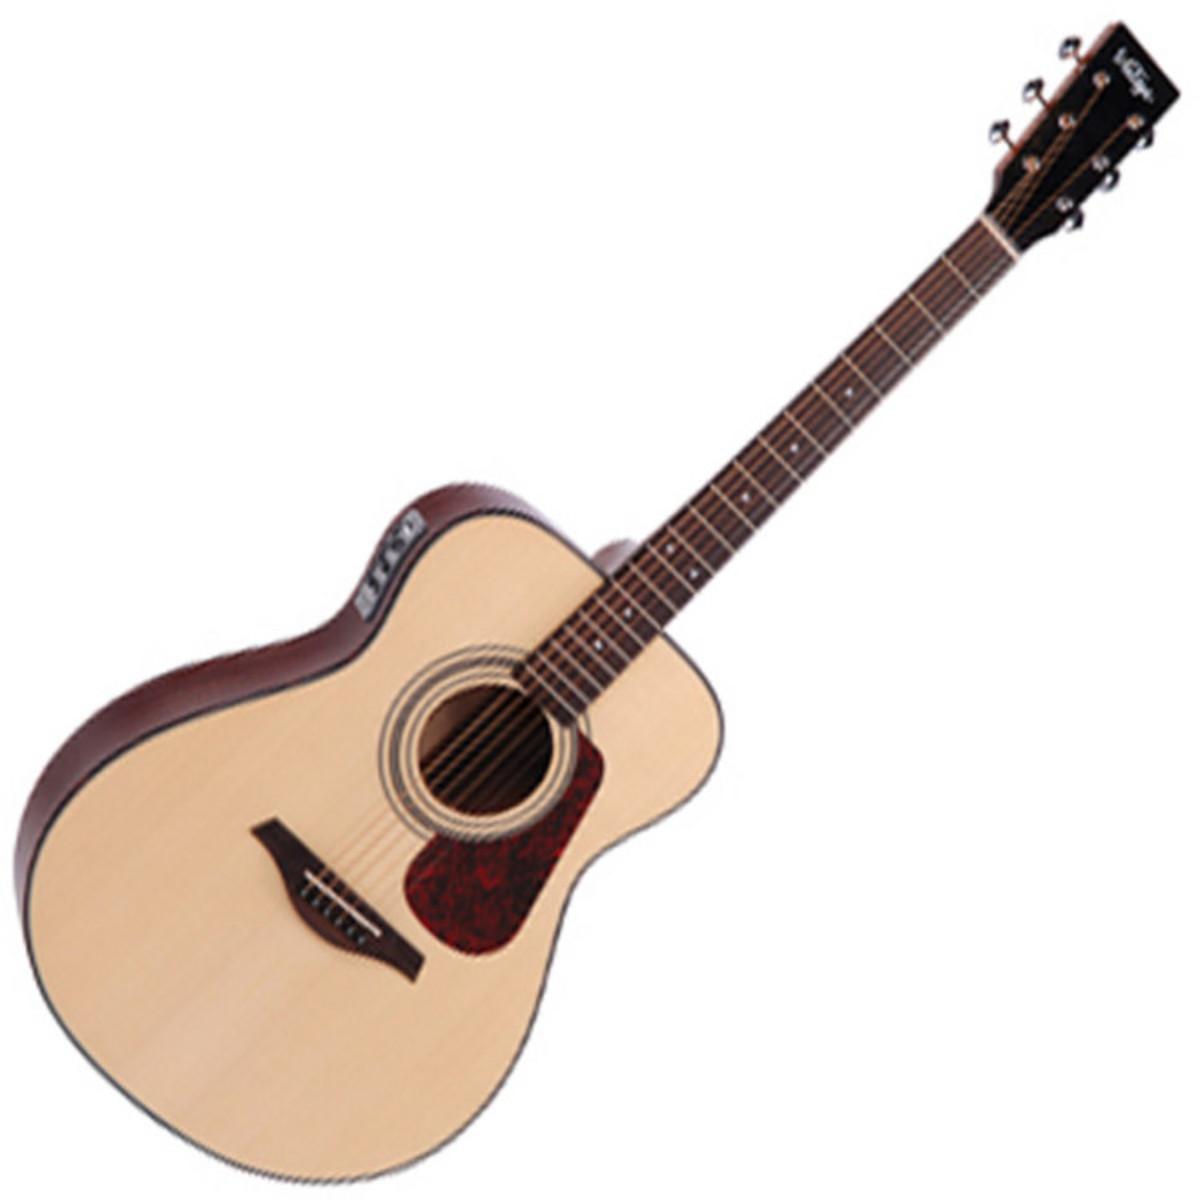 ve1300 vintage guitare electro folk solides naturelles. Black Bedroom Furniture Sets. Home Design Ideas